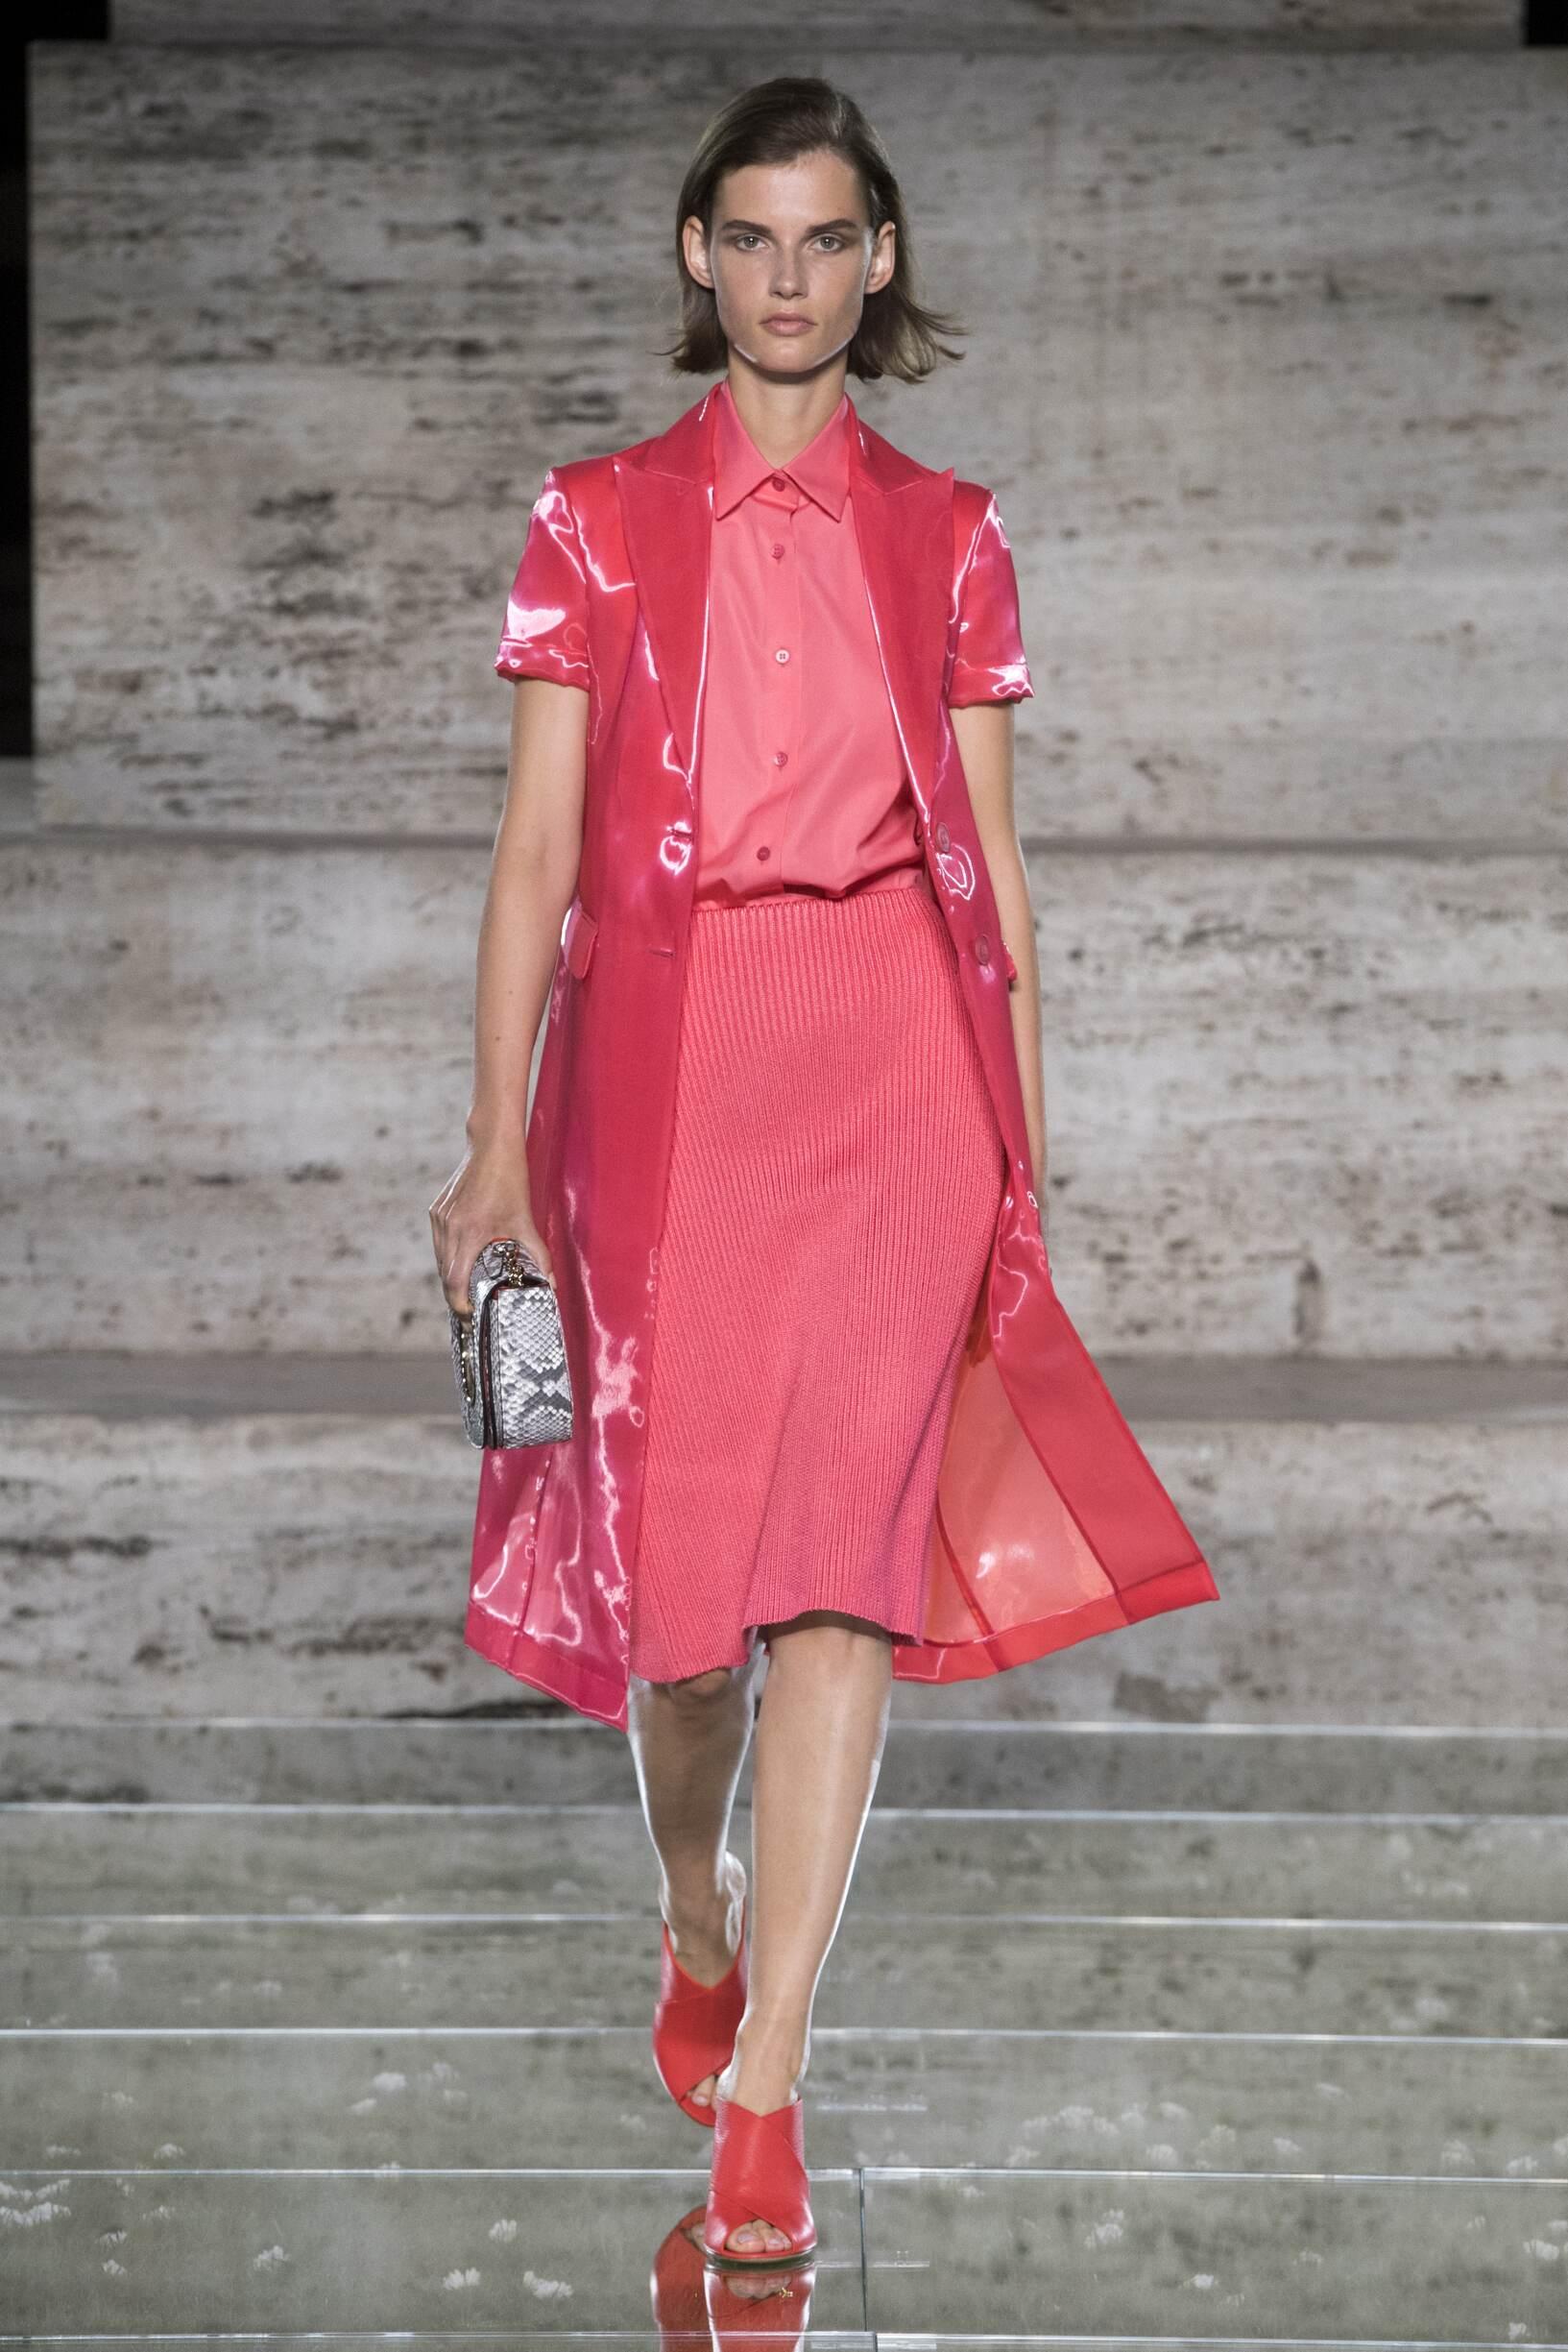 Spring 2018 Fashion Trends Salvatore Ferragamo